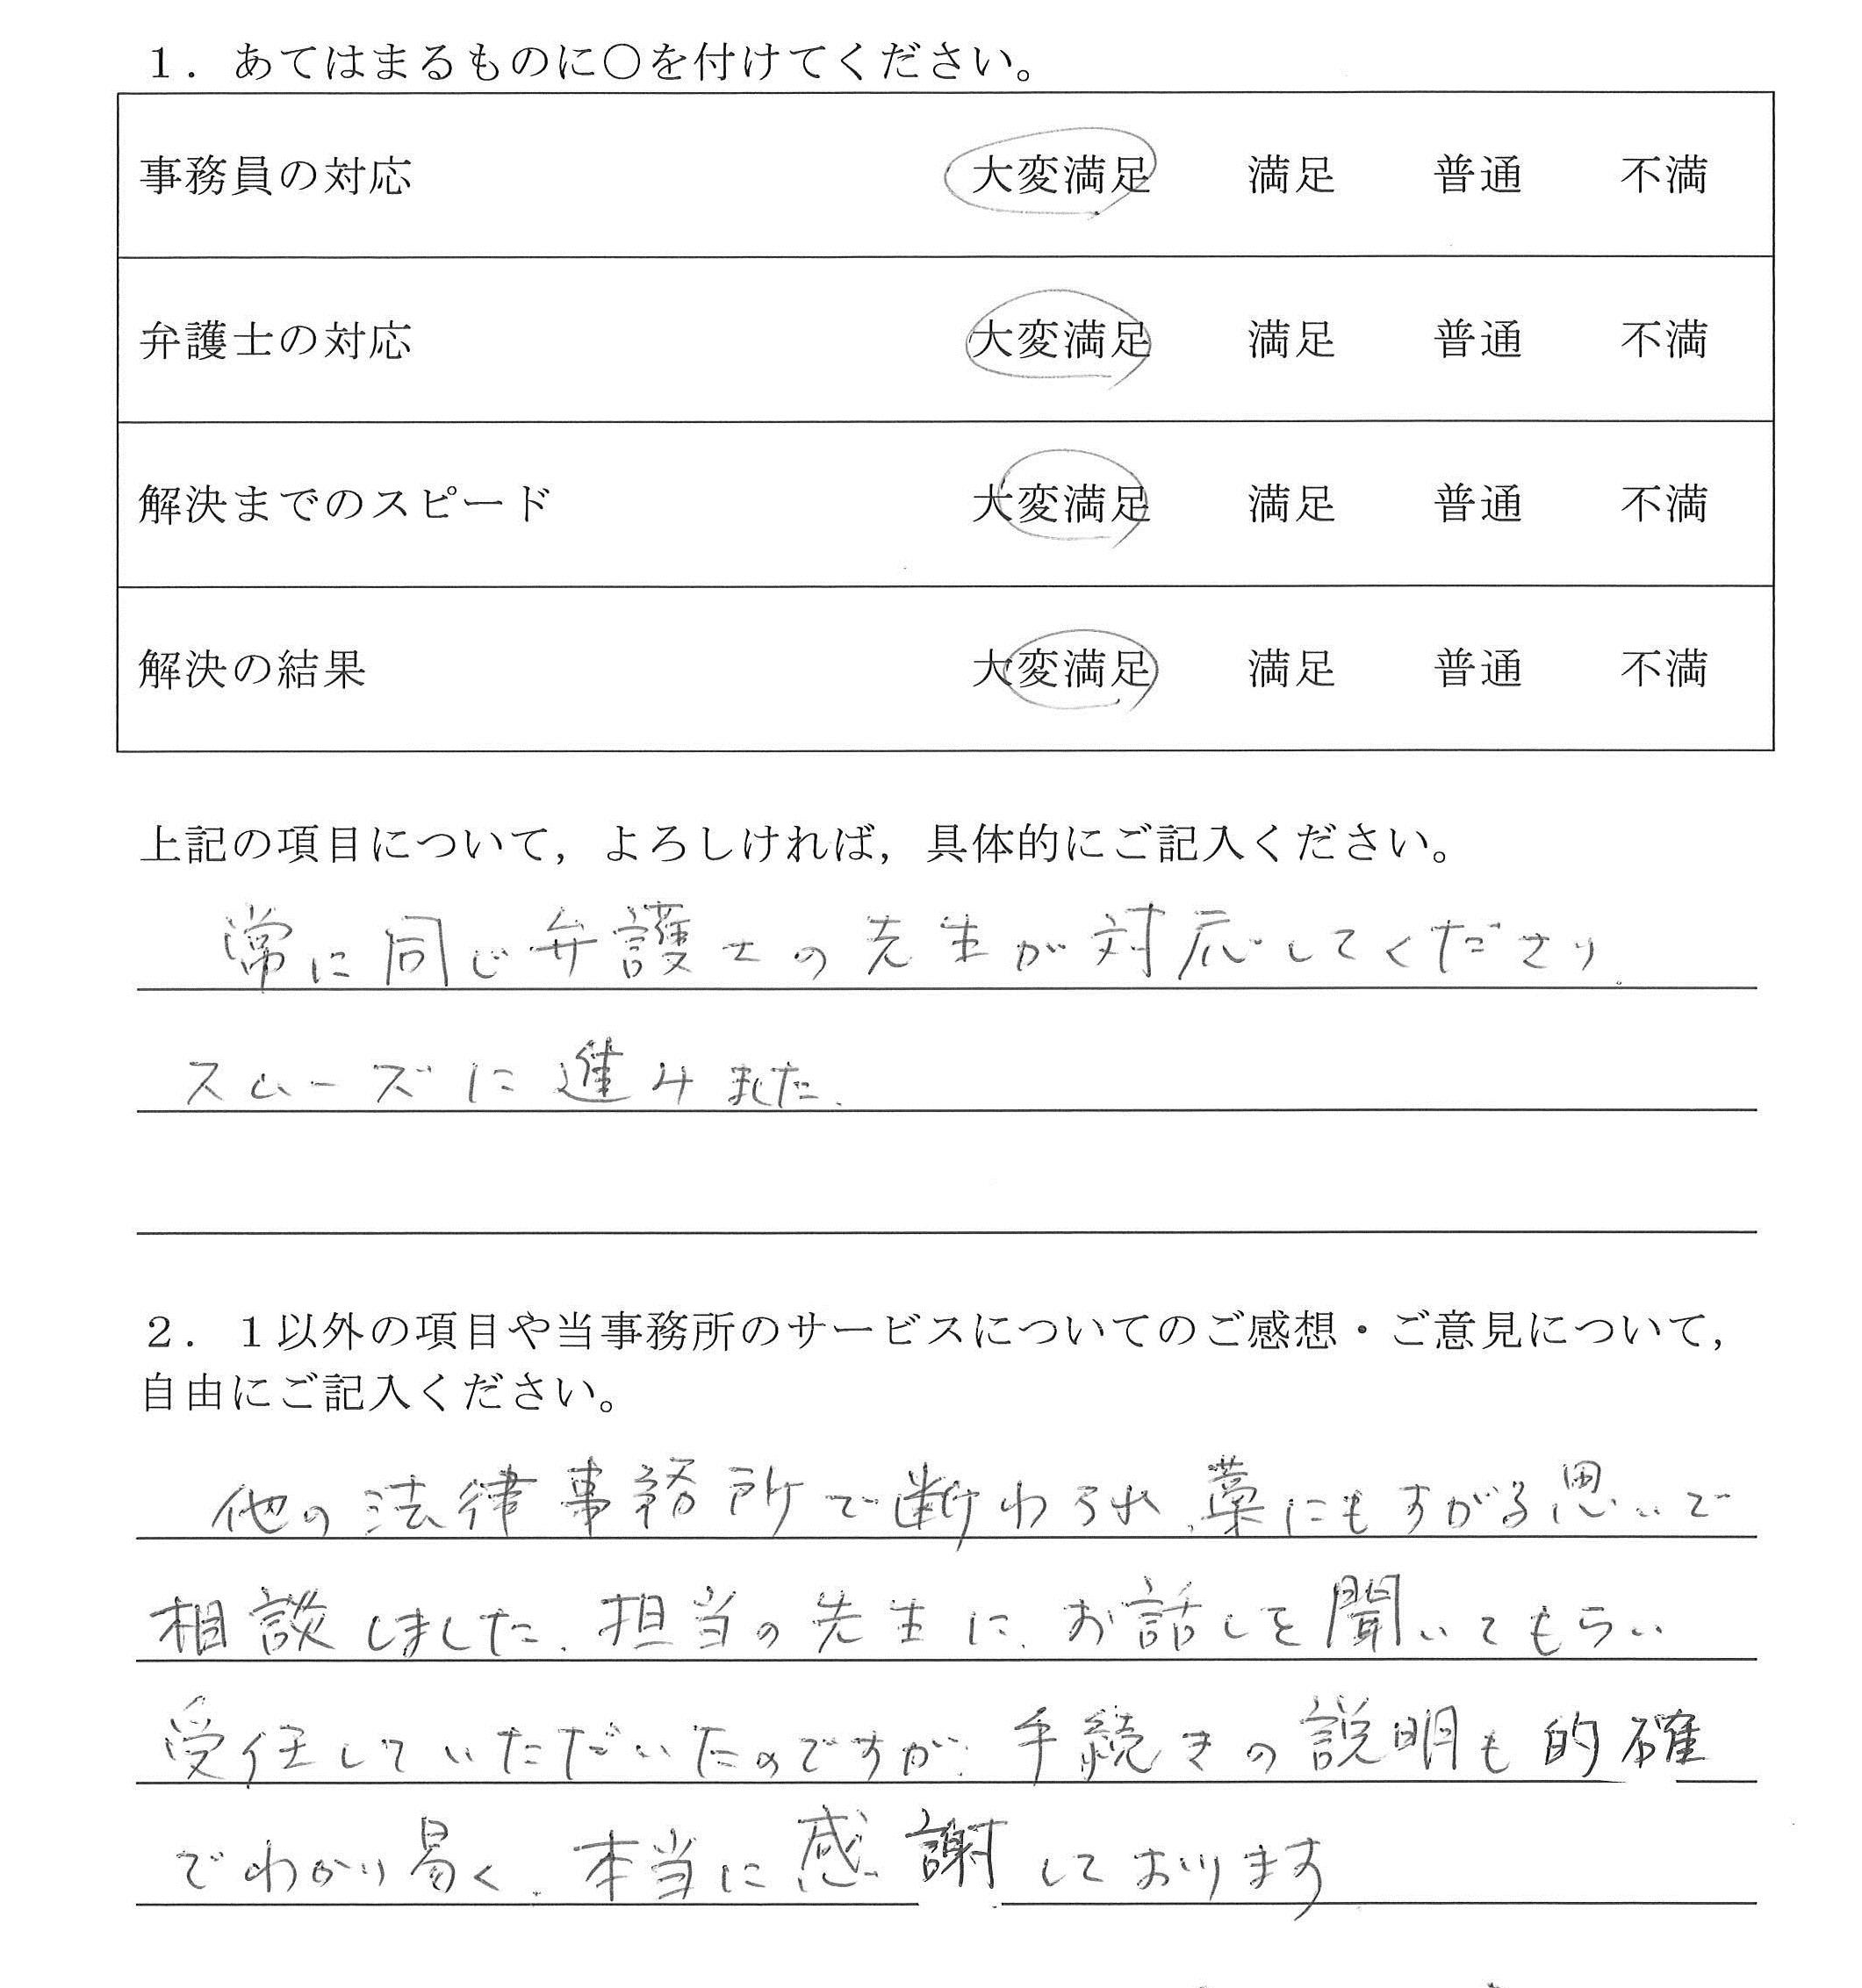 名古屋市40代男性(債務整理)の依頼者様の声 : 常に同じ弁護士の先生が対応してくださり、スムーズに進みました。 他の法律事務所で断られ、藁にもすがる思いで相談しました。担当の先生にお話しを聞いてもらい受任していただいたのですが、手続きの説明も的確でわかり易く、本当に感謝しております。